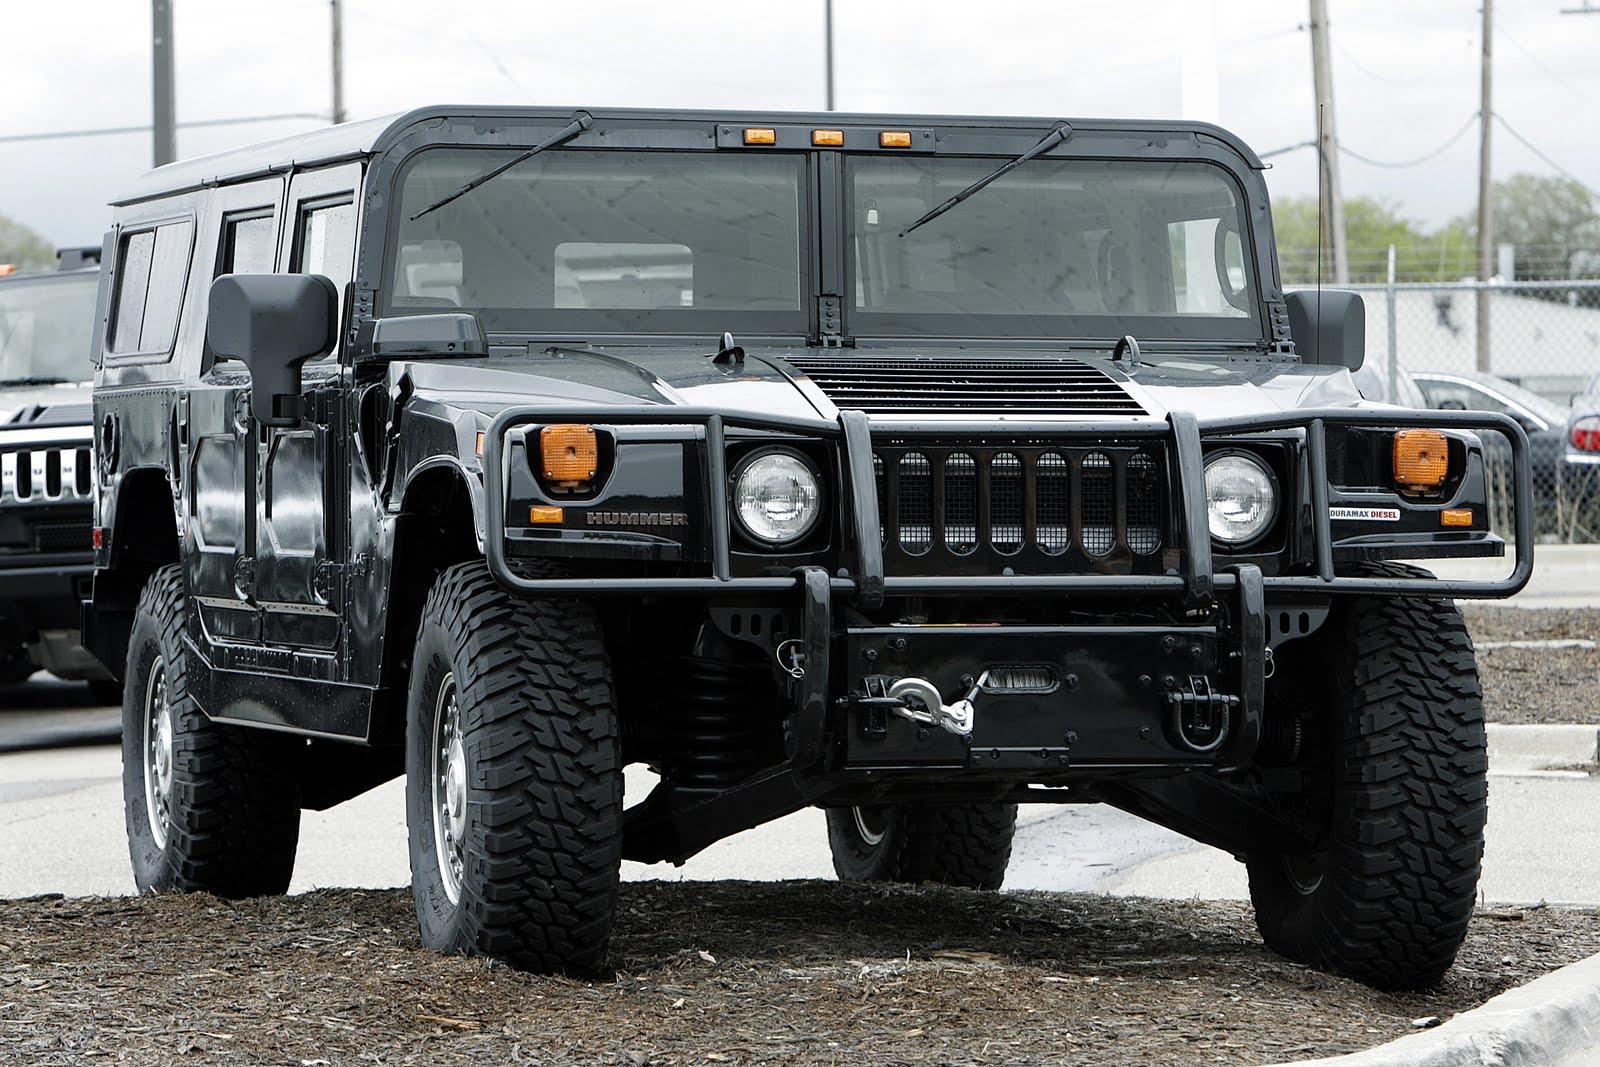 Jurassic Park Jeep For Sale >> car revolution: Hummer H Model